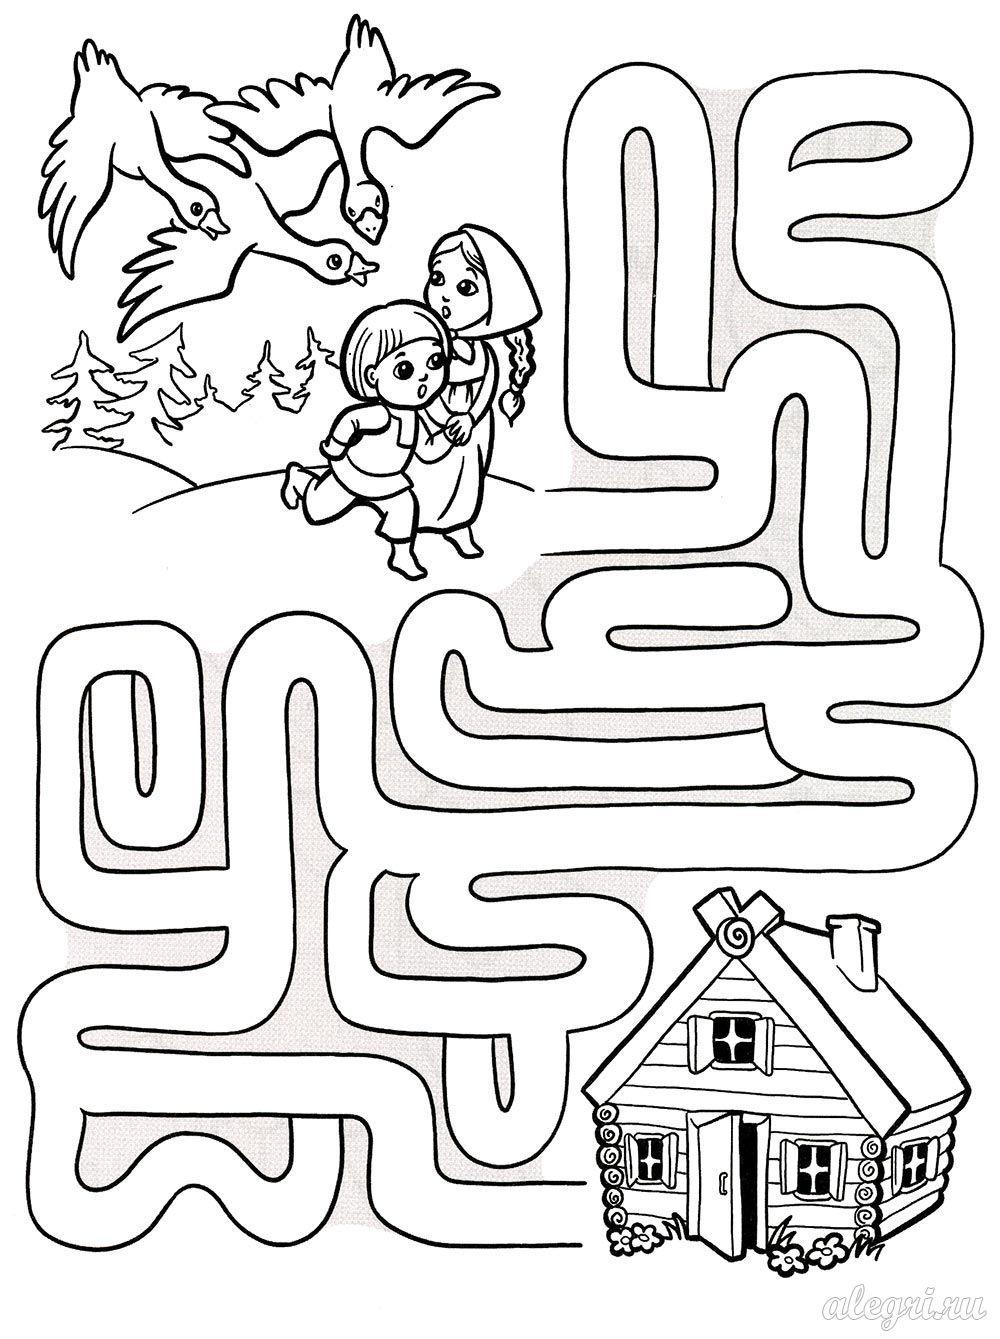 Картинки лабиринты для детей 4-5 лет